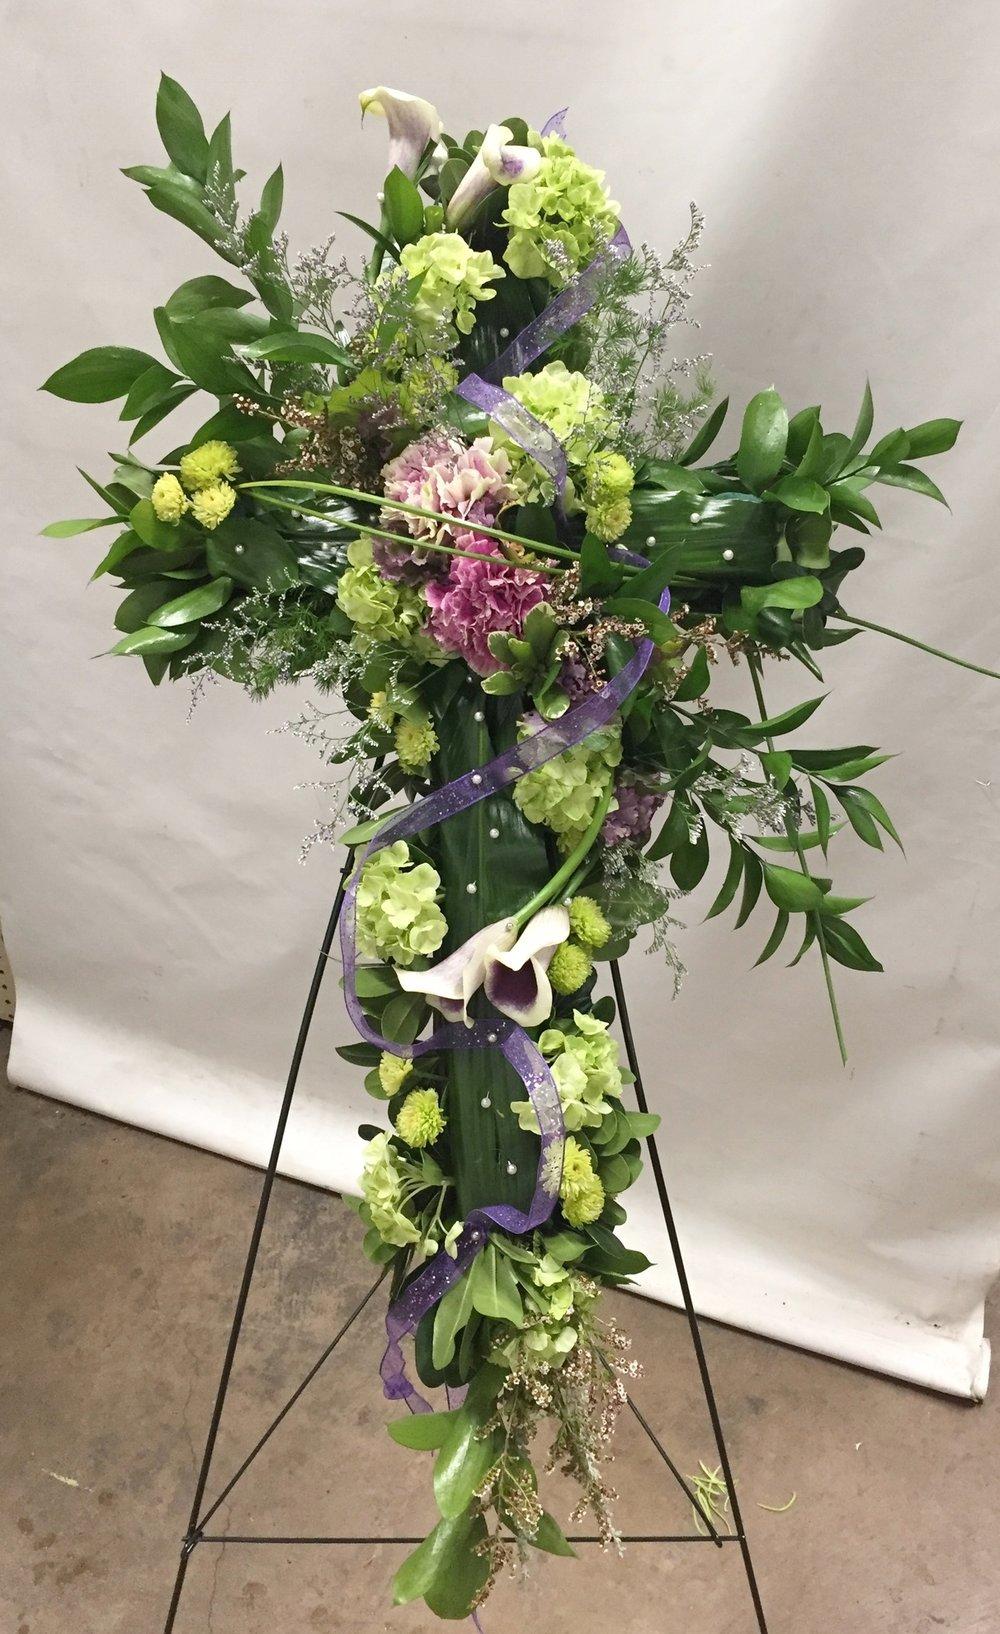 Sympathy Lavender Blue Floral Artistry